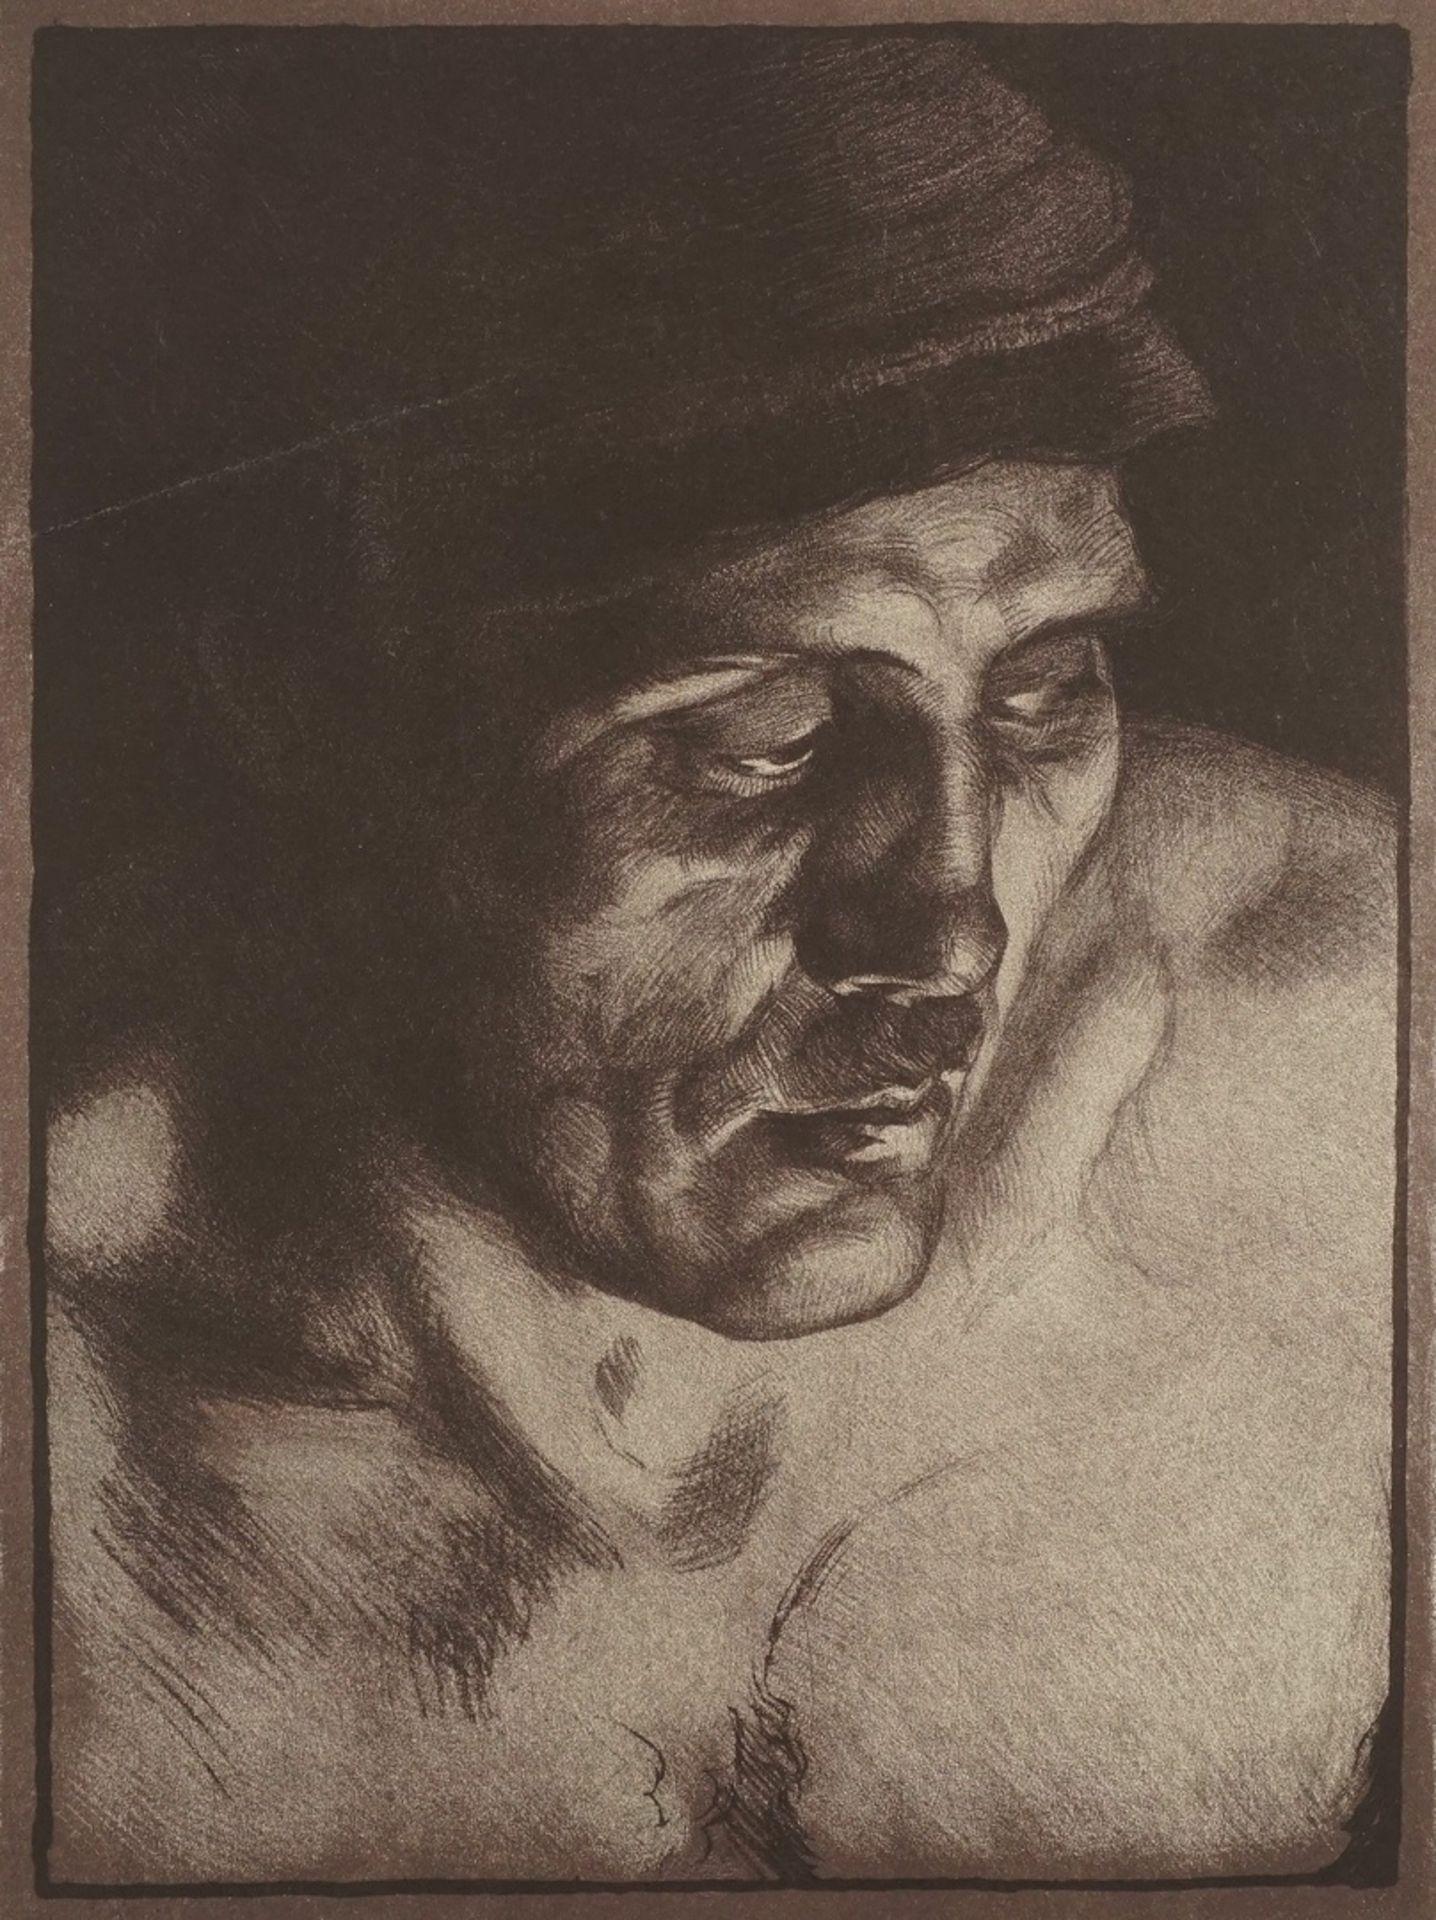 Hermann Kätelhön, Arbeiter im Feuerschein